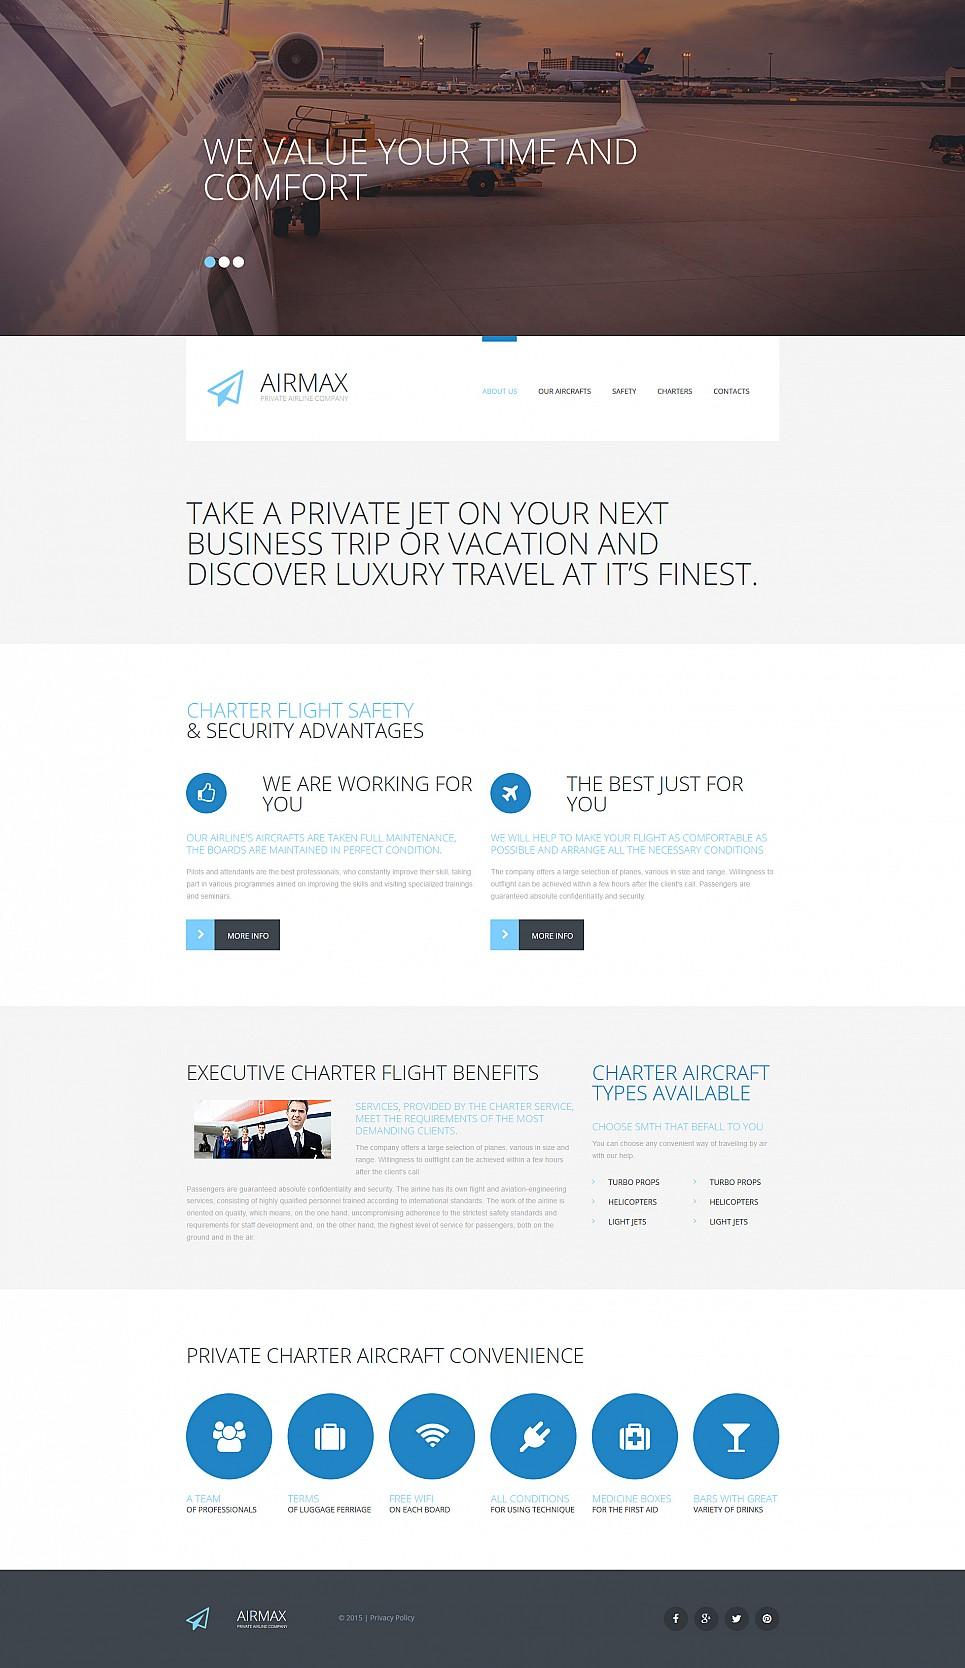 Сайт-визитка для частной авиакомпании - image